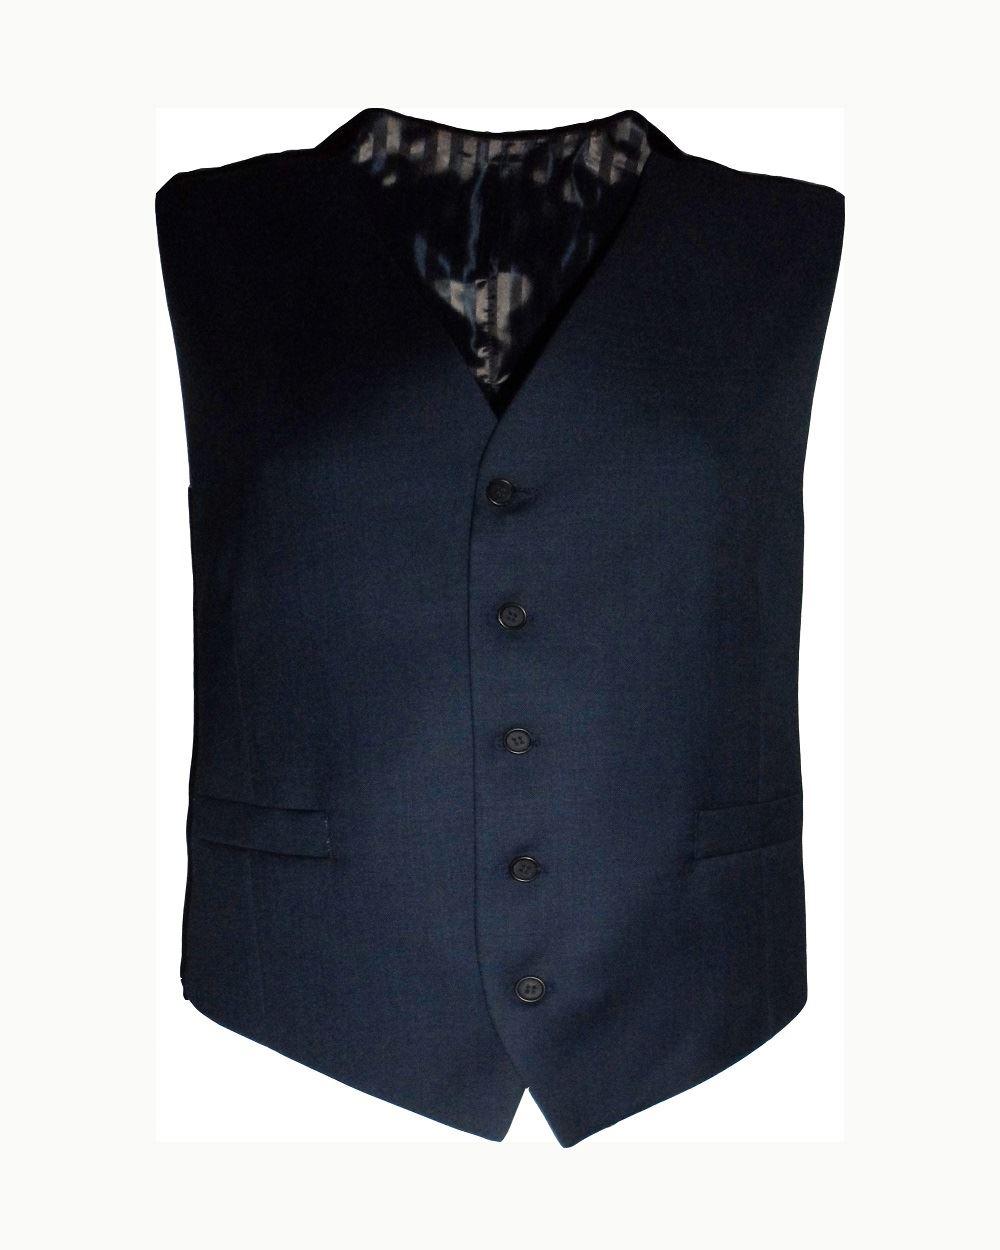 SCOTT  Herren Formal Wool Blend Waist Coat in Ink Blau in Chest 36 to 60 Inches